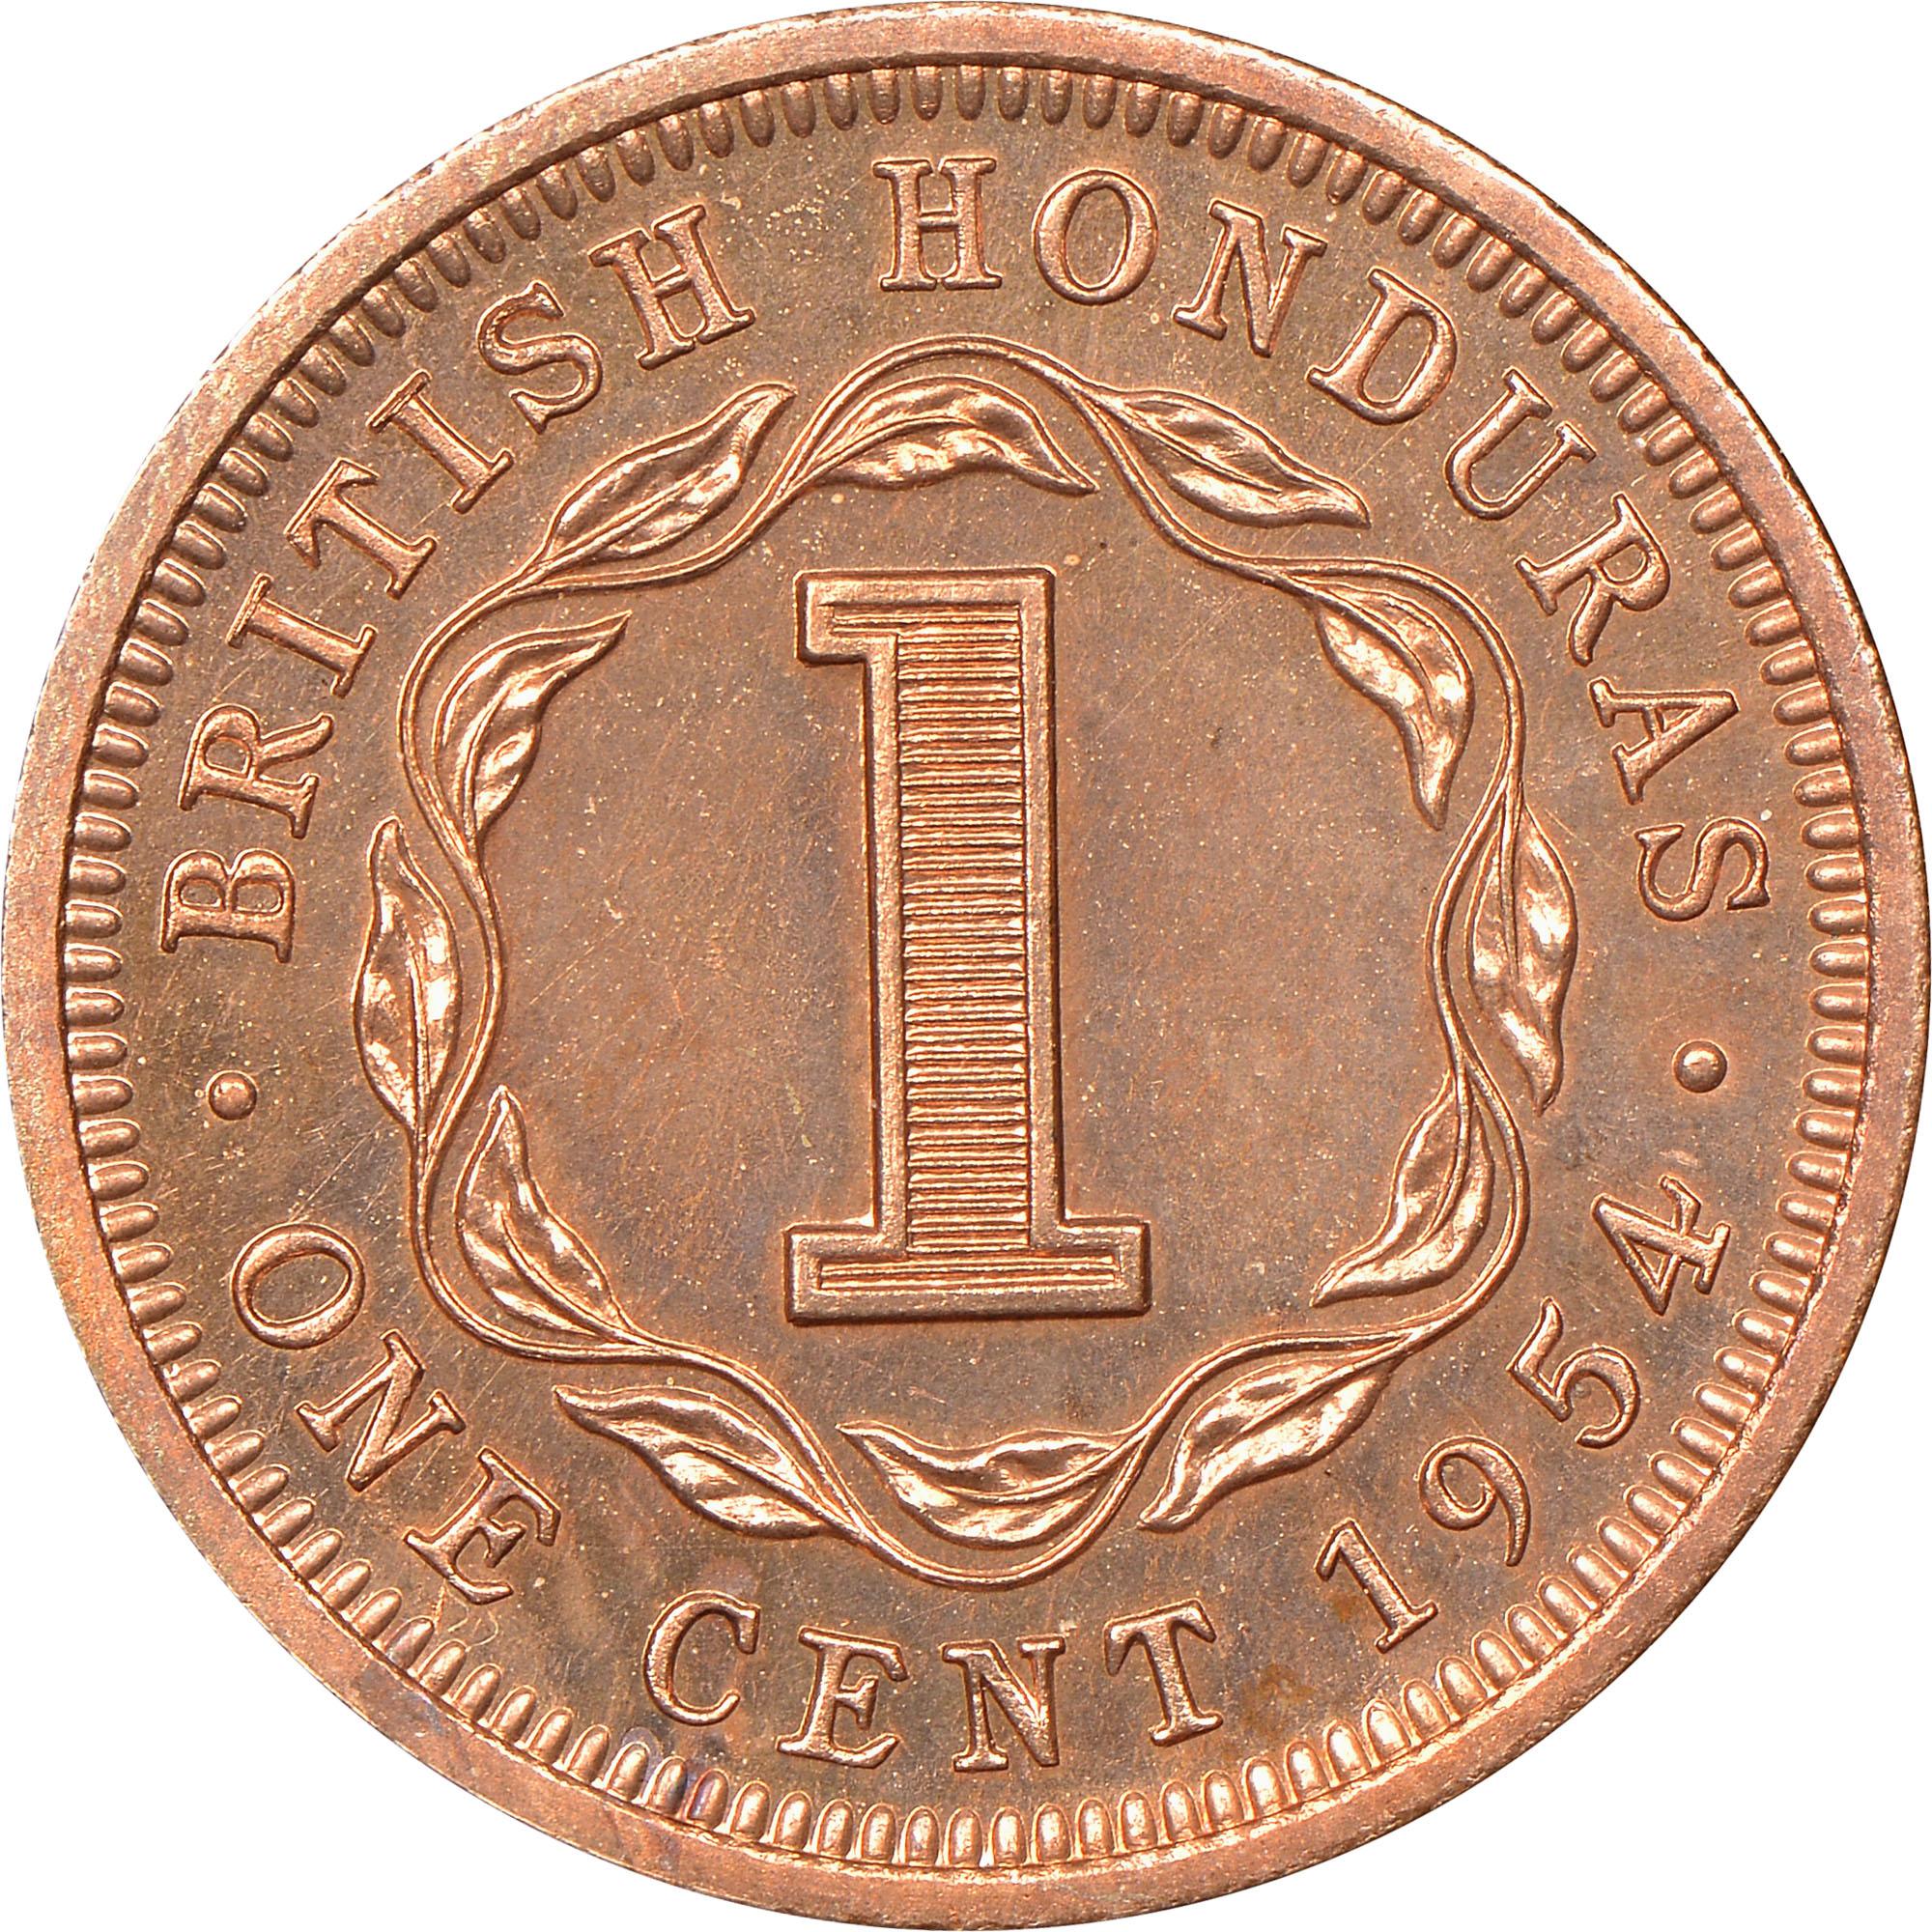 1954 British Honduras Cent reverse